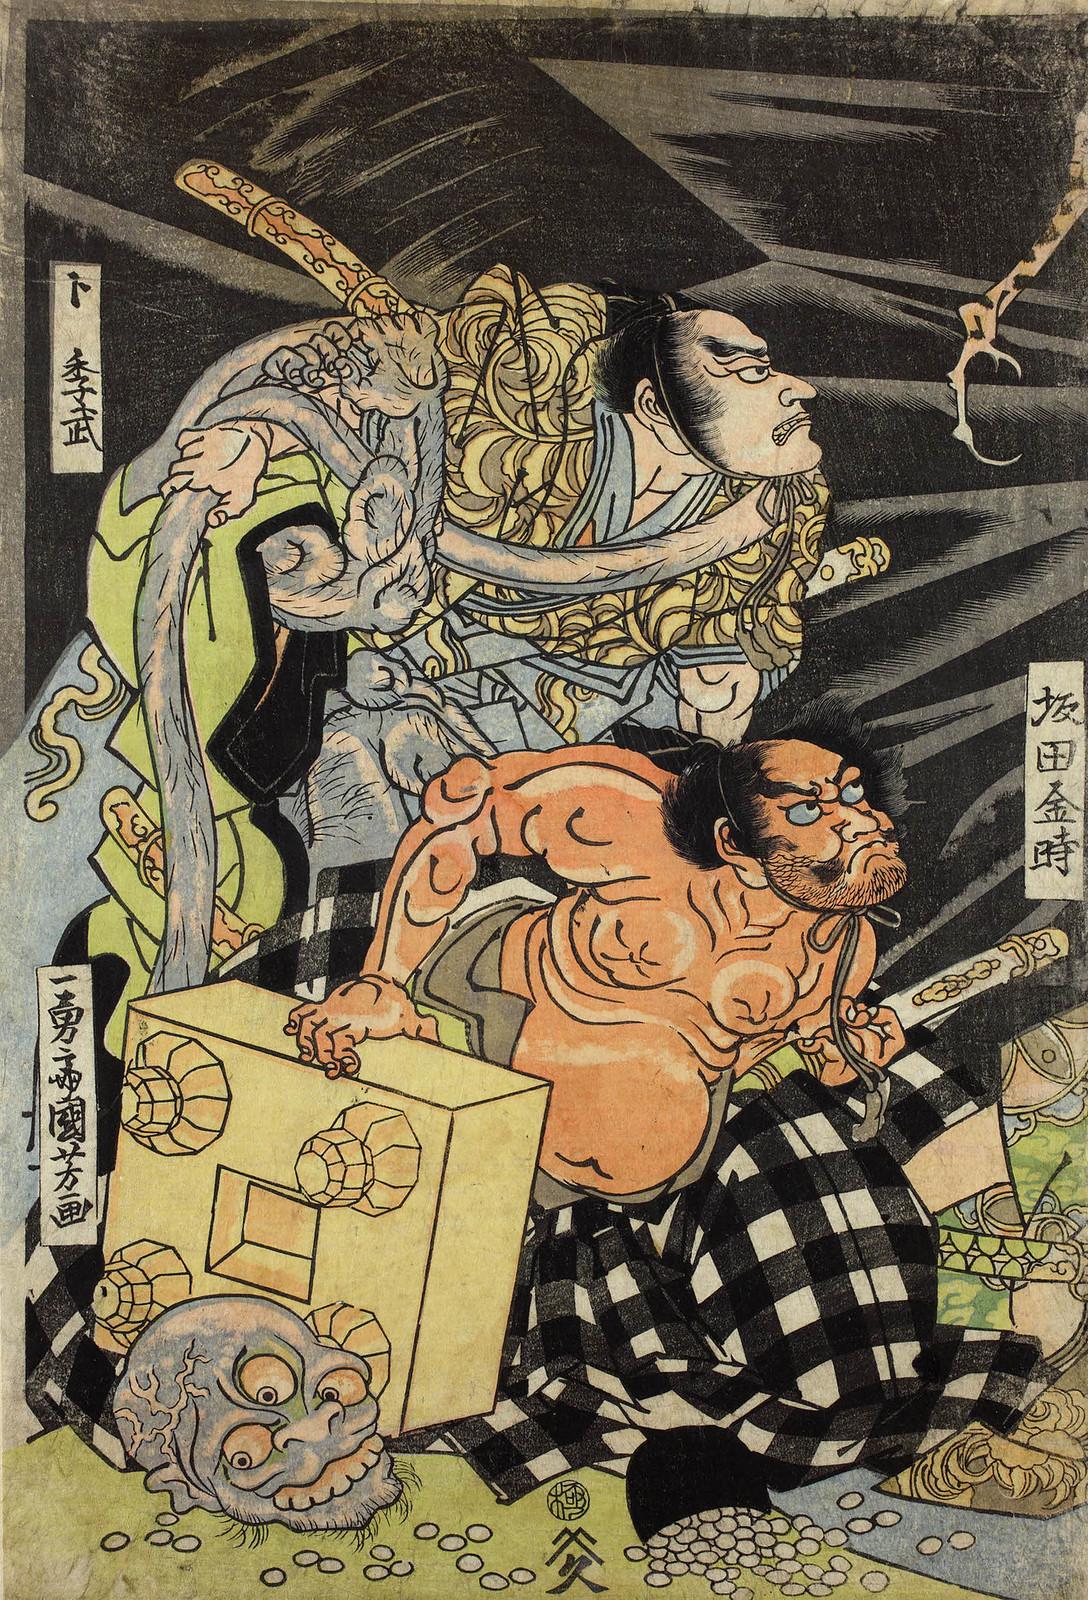 Utagawa Kuniyoshi - Minamoto no Yorimitsu fighting demon spider, with Usui no Sadamitsu, Watanabe no Tsuna, Urabe no Suetake with Sakata Kintoki with go-board. 18th c (left panel)